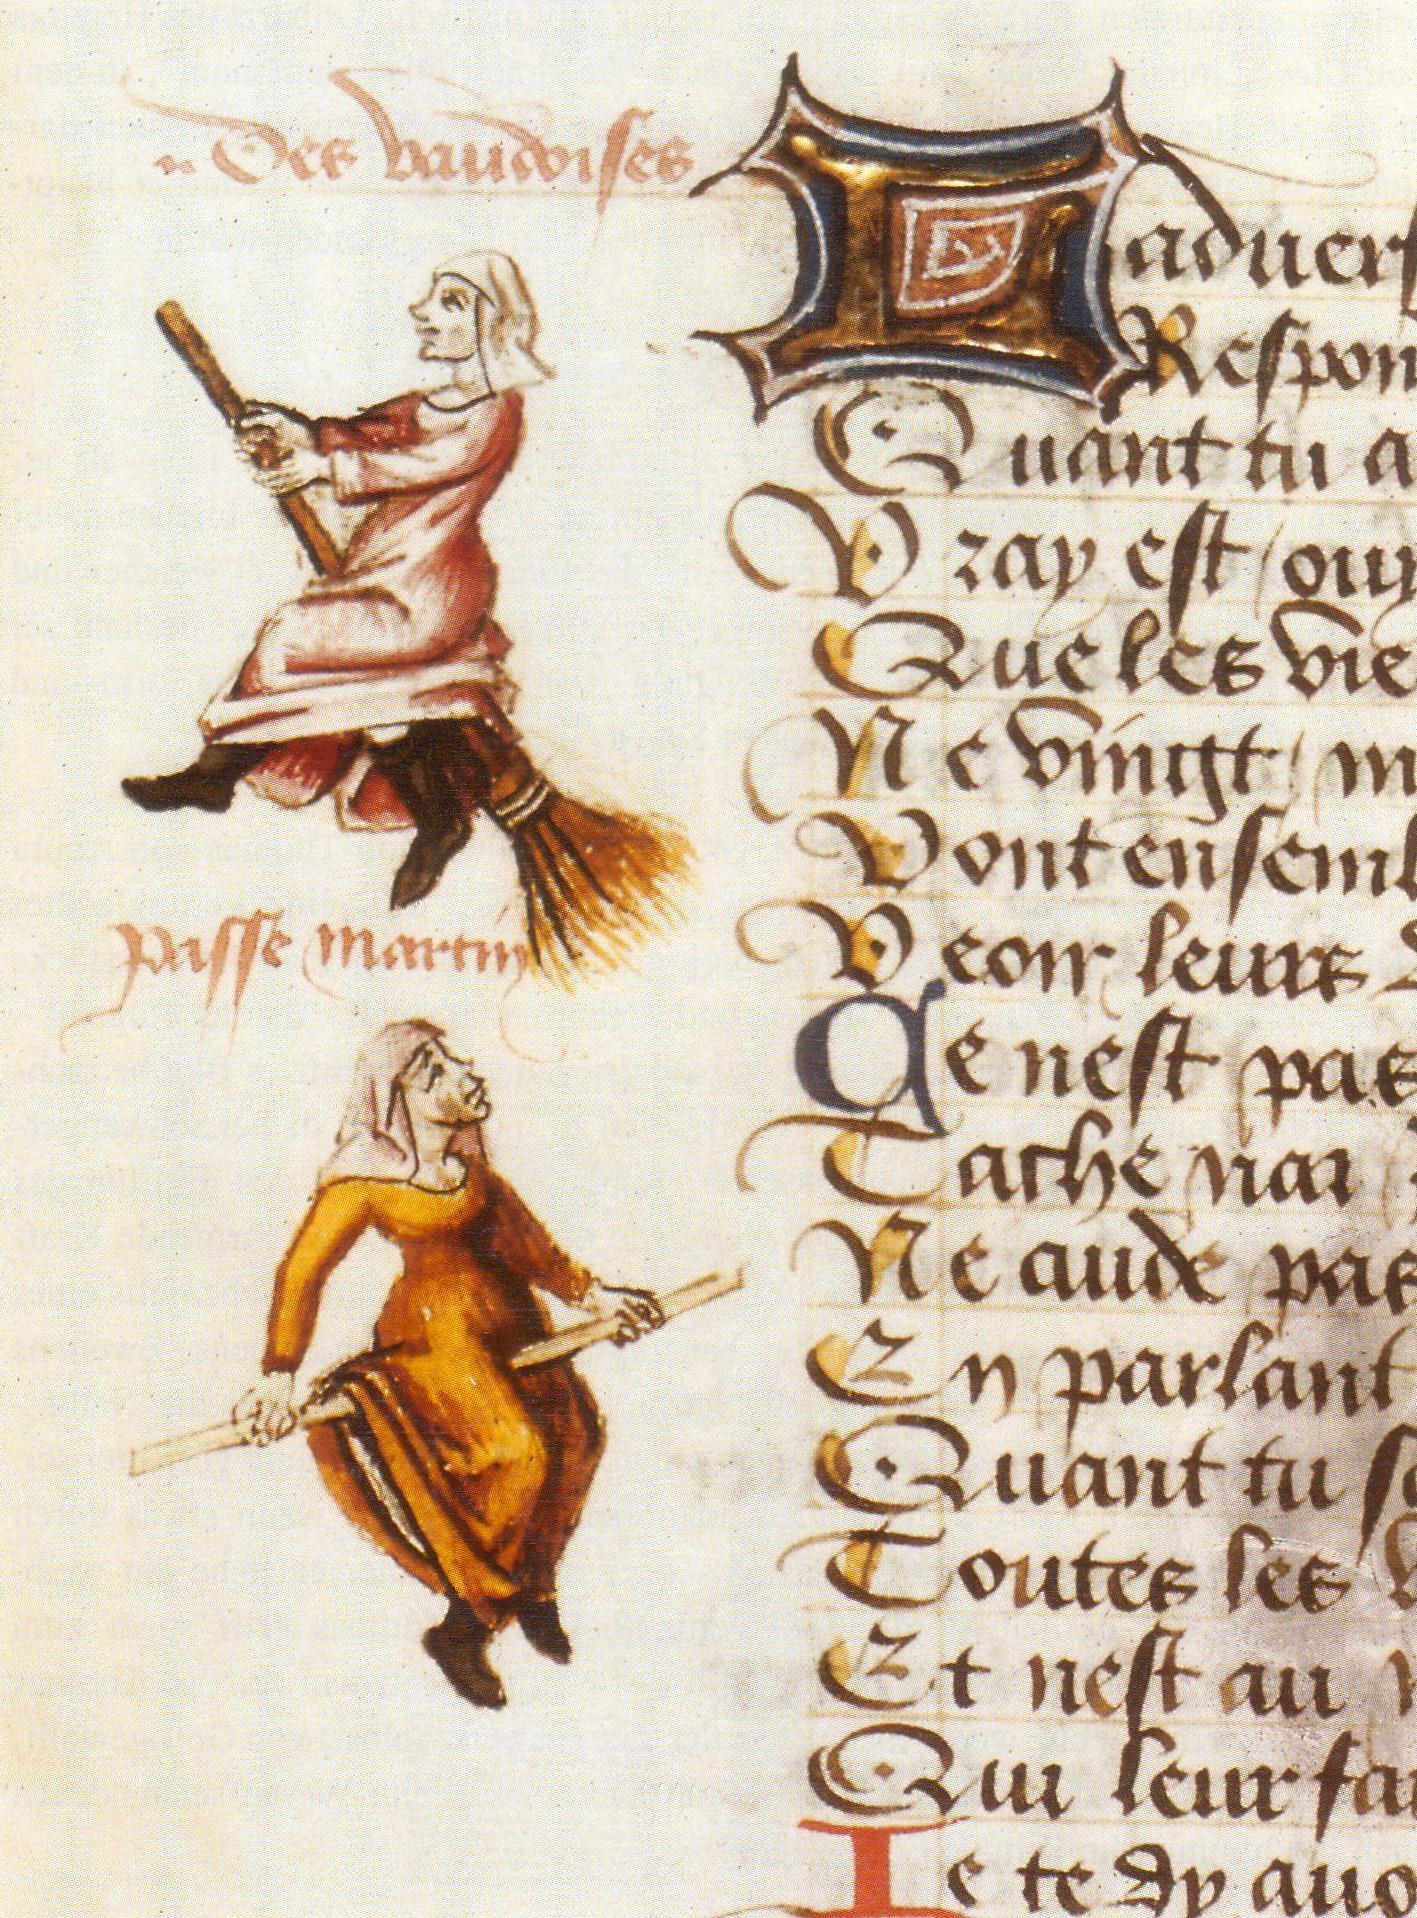 https://upload.wikimedia.org/wikipedia/commons/e/e5/Champion_des_dames_Vaudoises.JPG